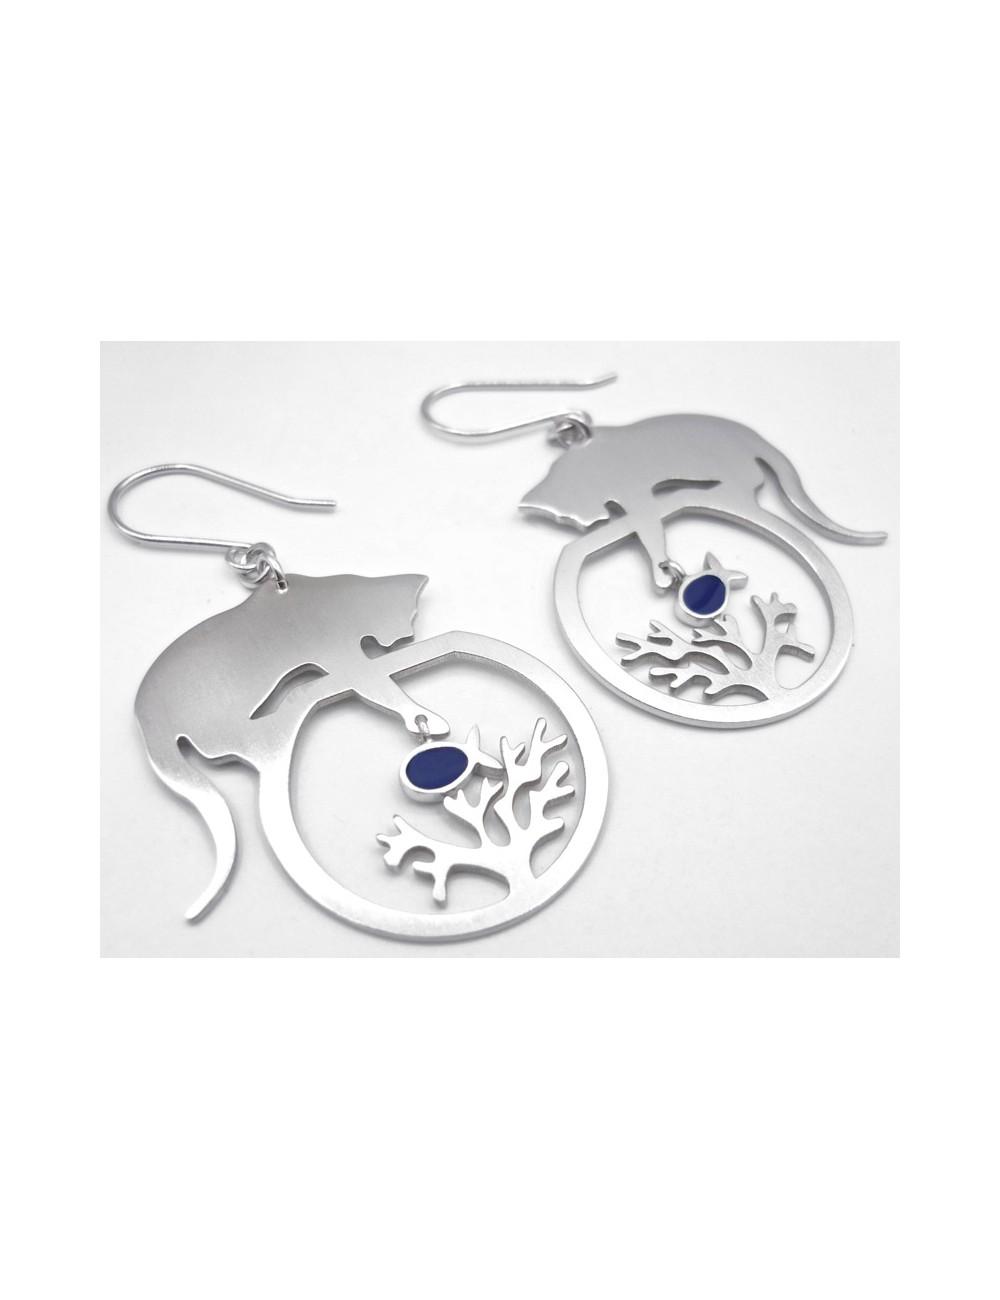 Boucles d'oreilles chats/corail/poissons bleus argent rhodié